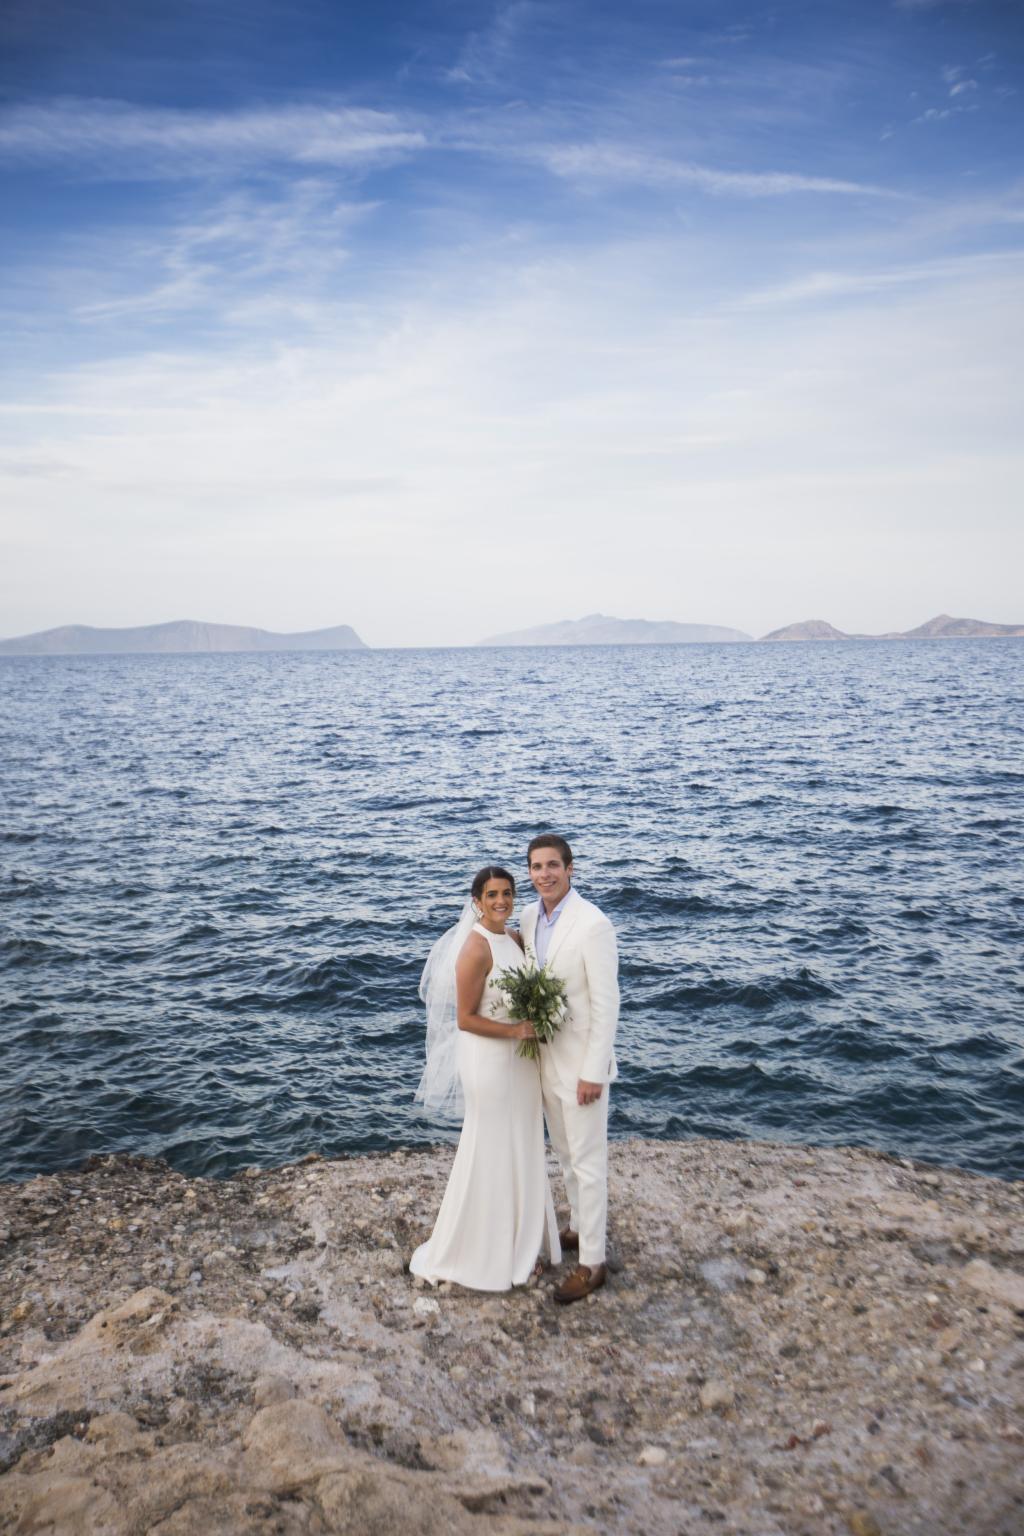 M&AJ Spetses wedding - Image 10